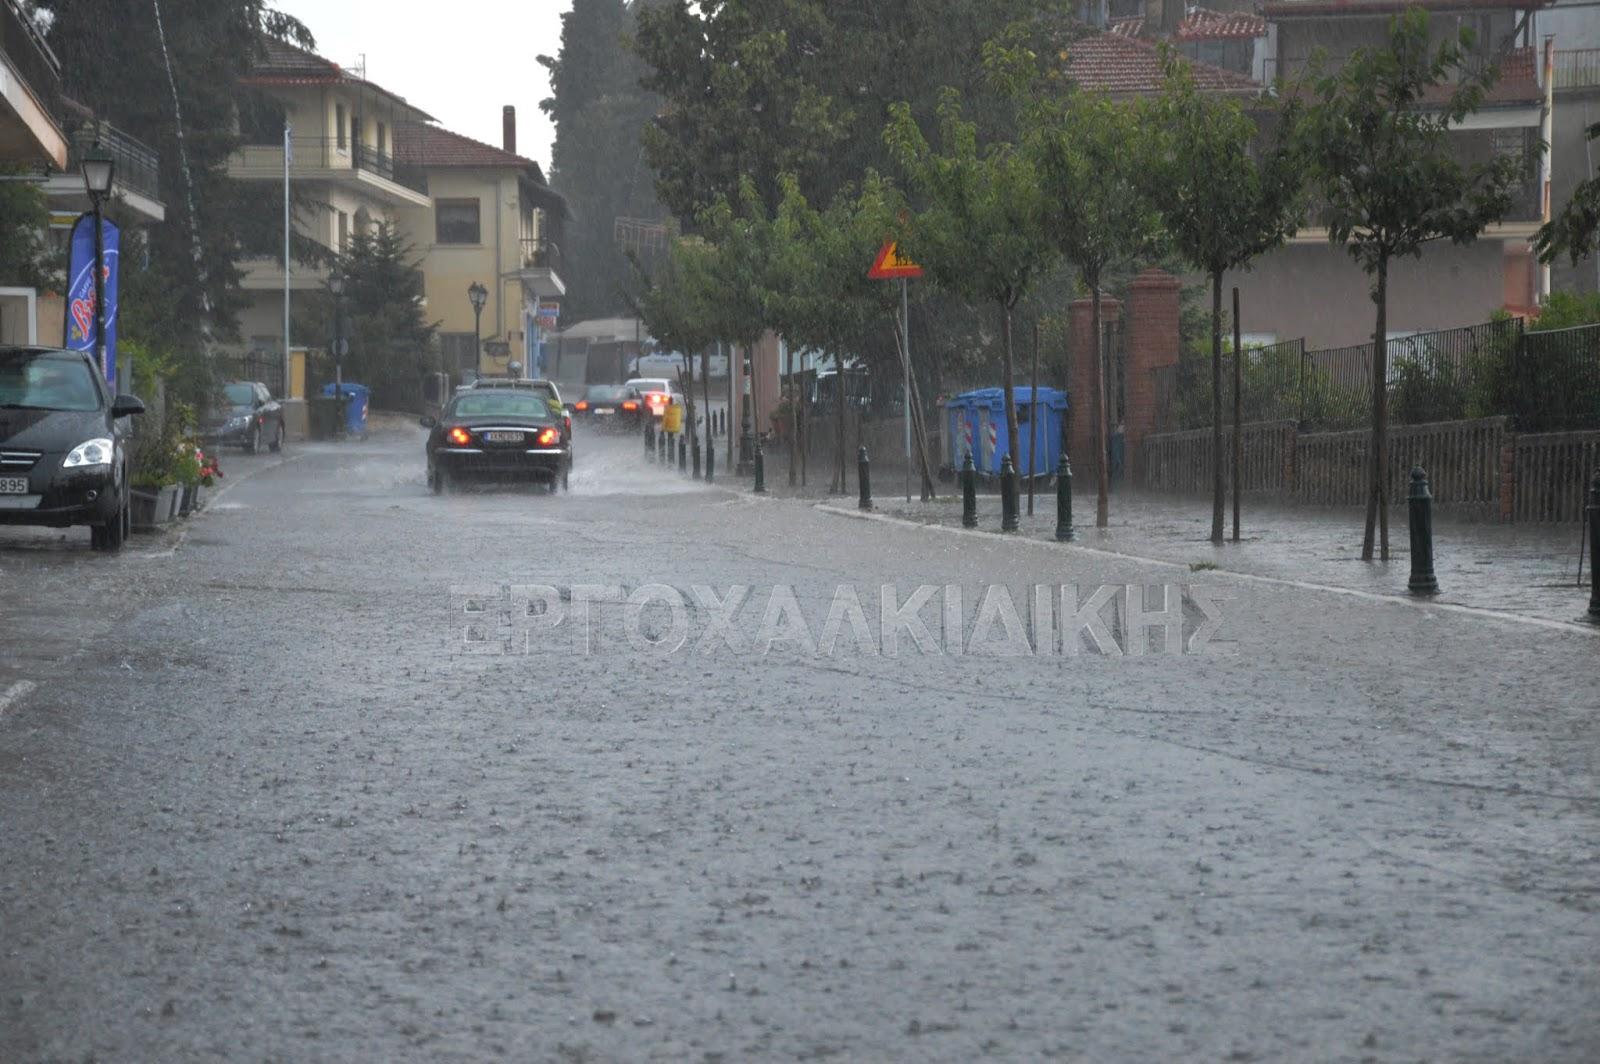 Αλλάζει το σκηνικό του καιρού από την Τετάρτη- Βροχές και καταιγίδες